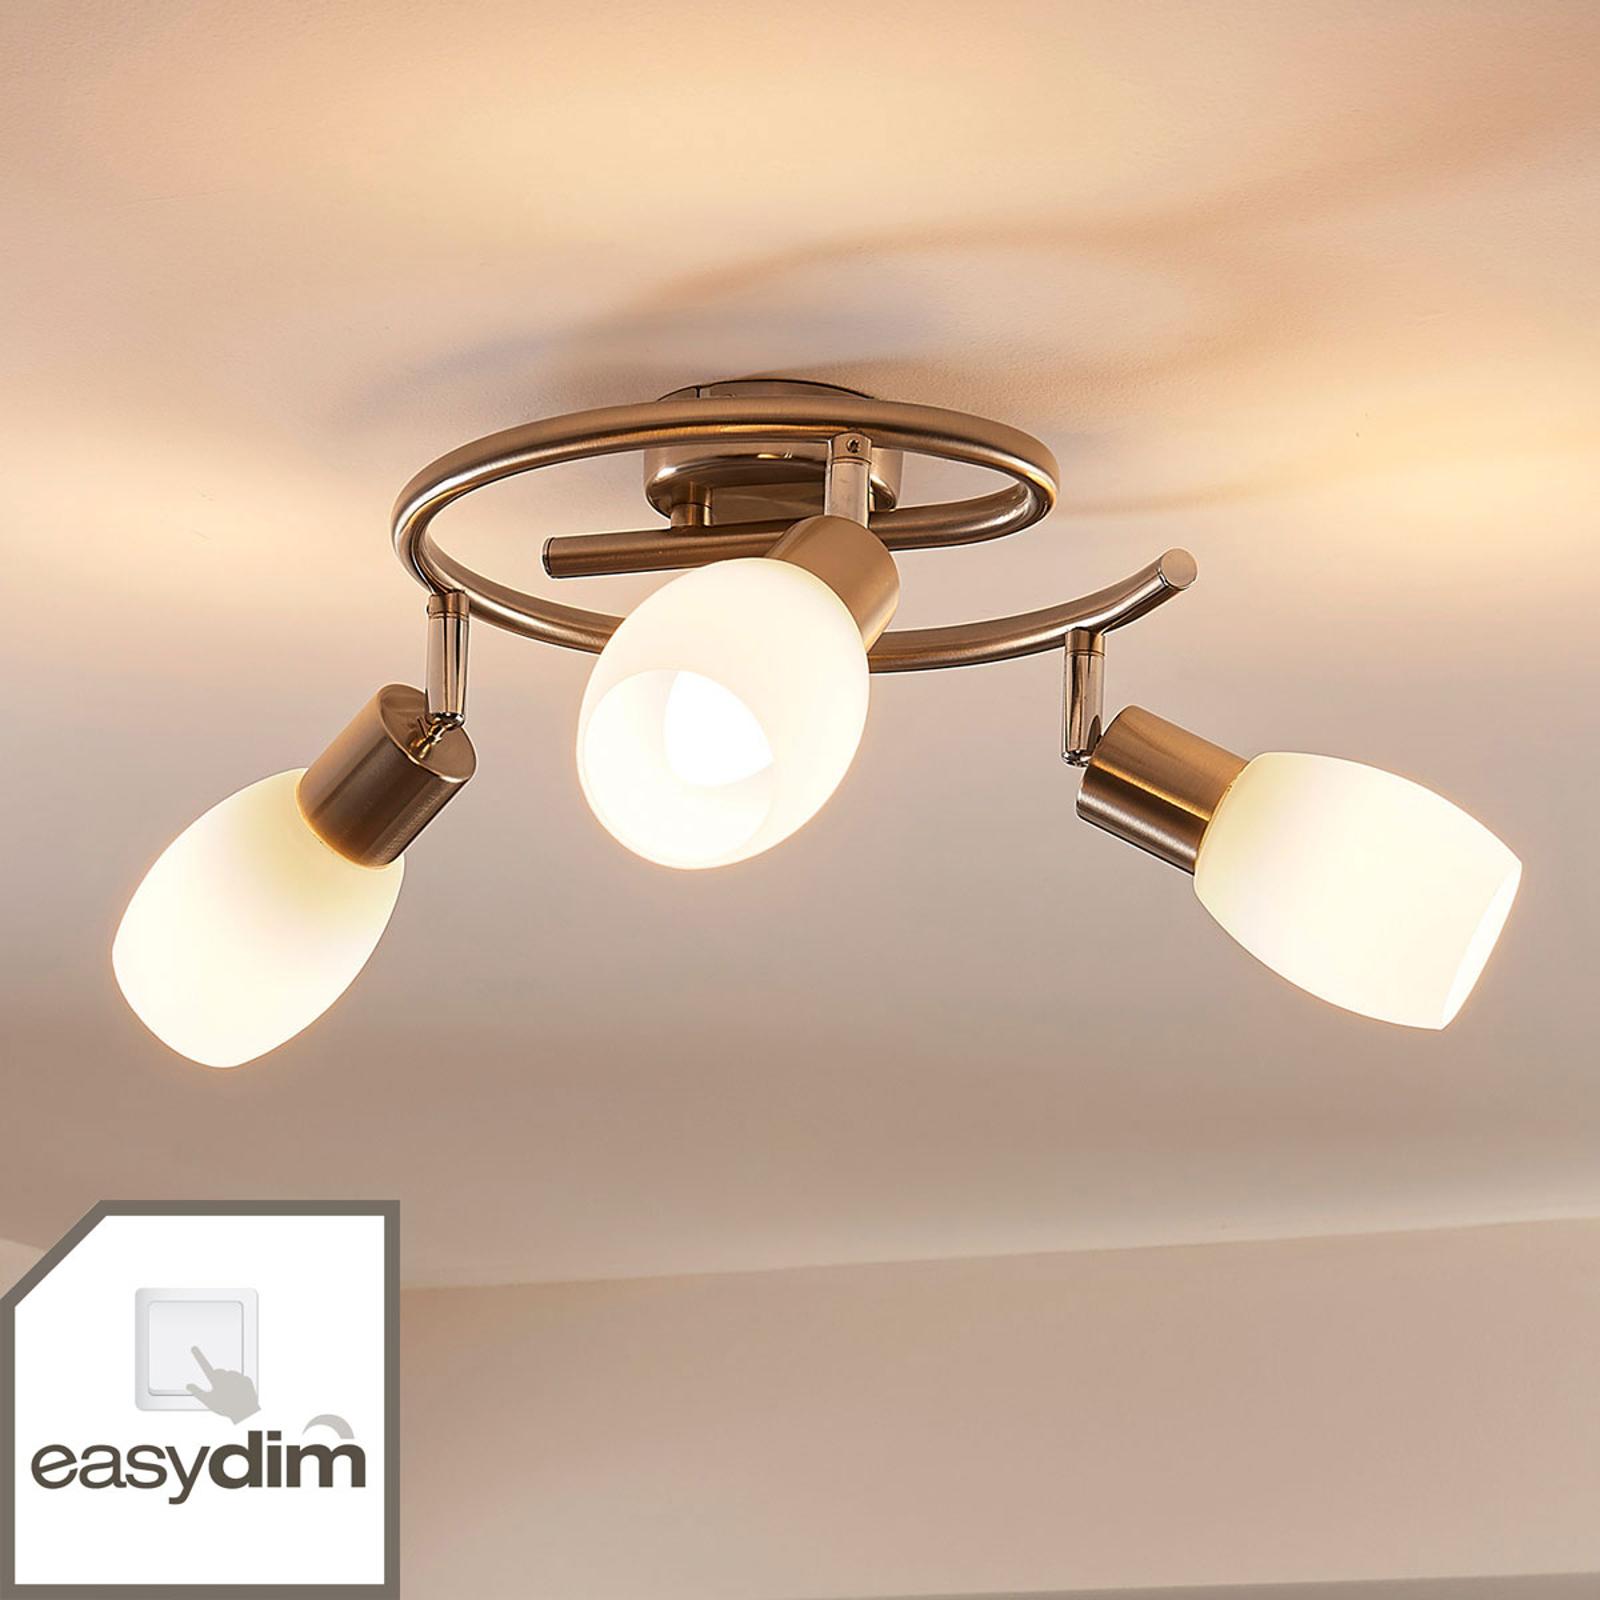 LED-Deckenrondell Arda, easydim 3-flammig